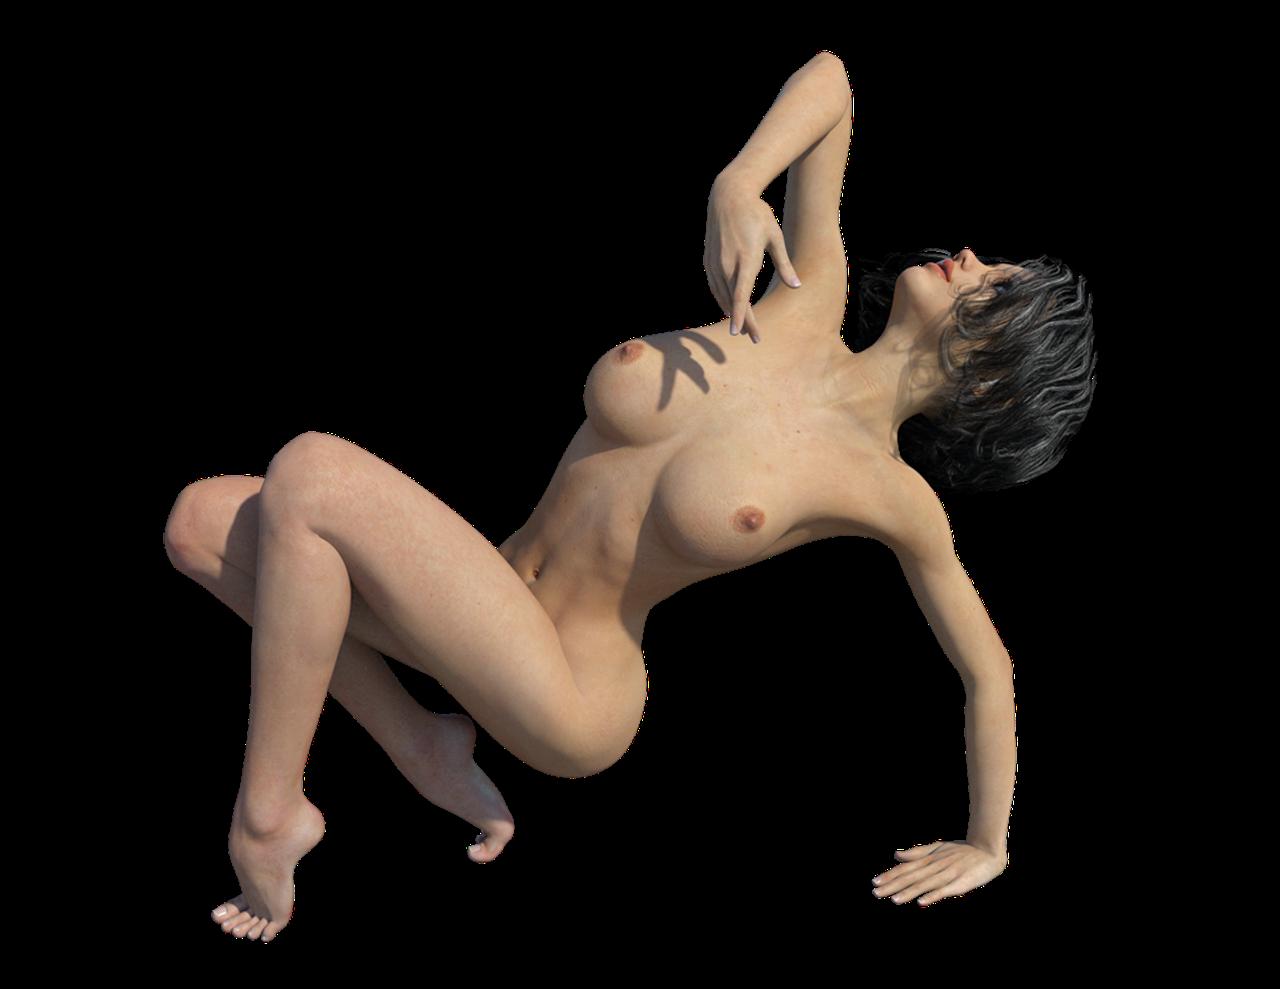 nude-women-png-pics-adolescent-breast